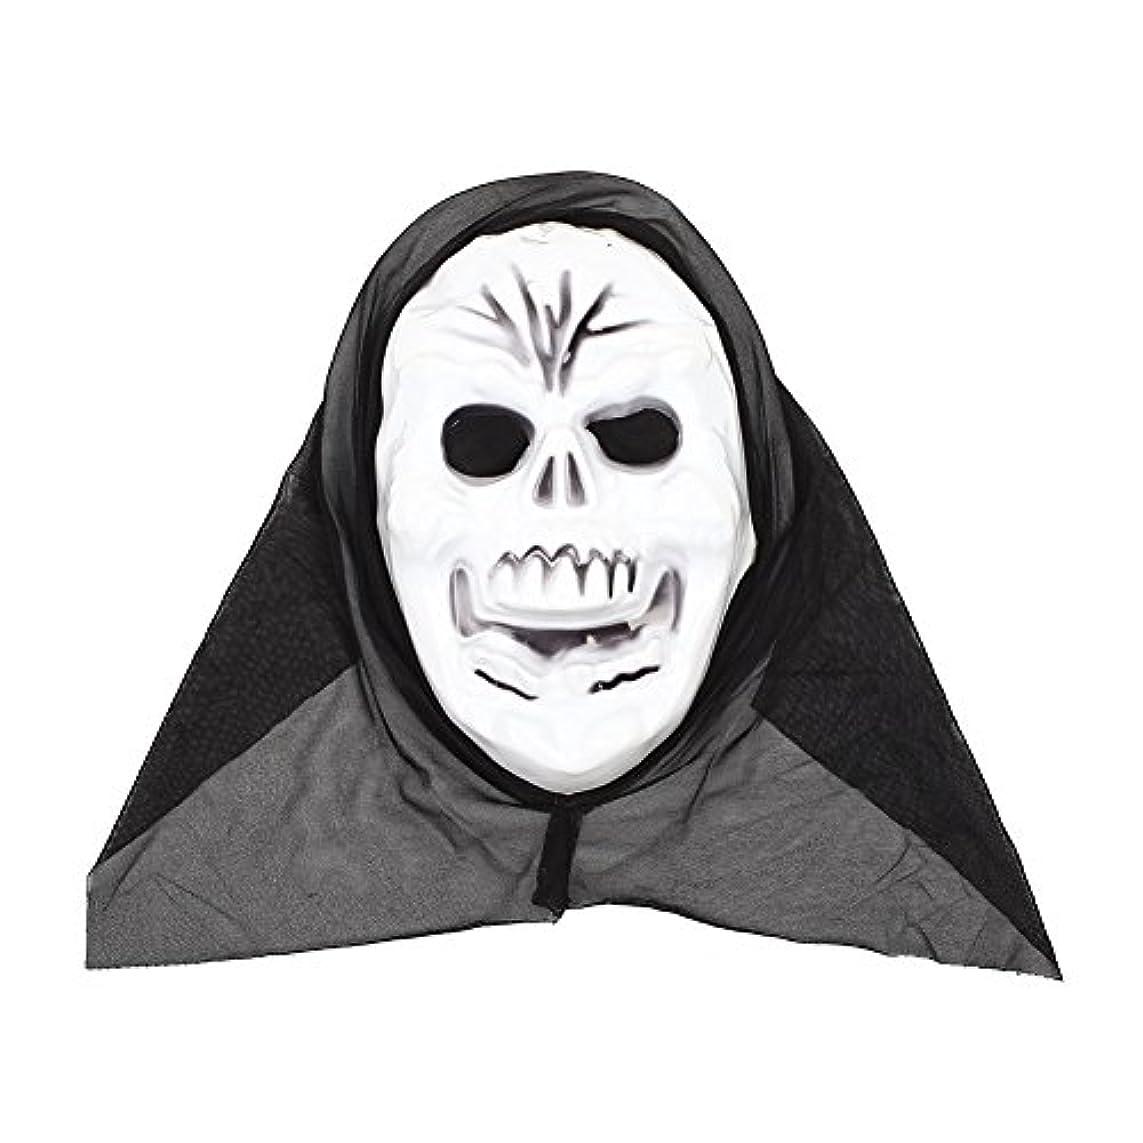 普及メール論文Auntwhale ハロウィンマスク大人恐怖コスチューム、スクリームファンシーマスカレードパーティーハロウィンマスク、フェスティバル通気性ギフトヘッドマスク